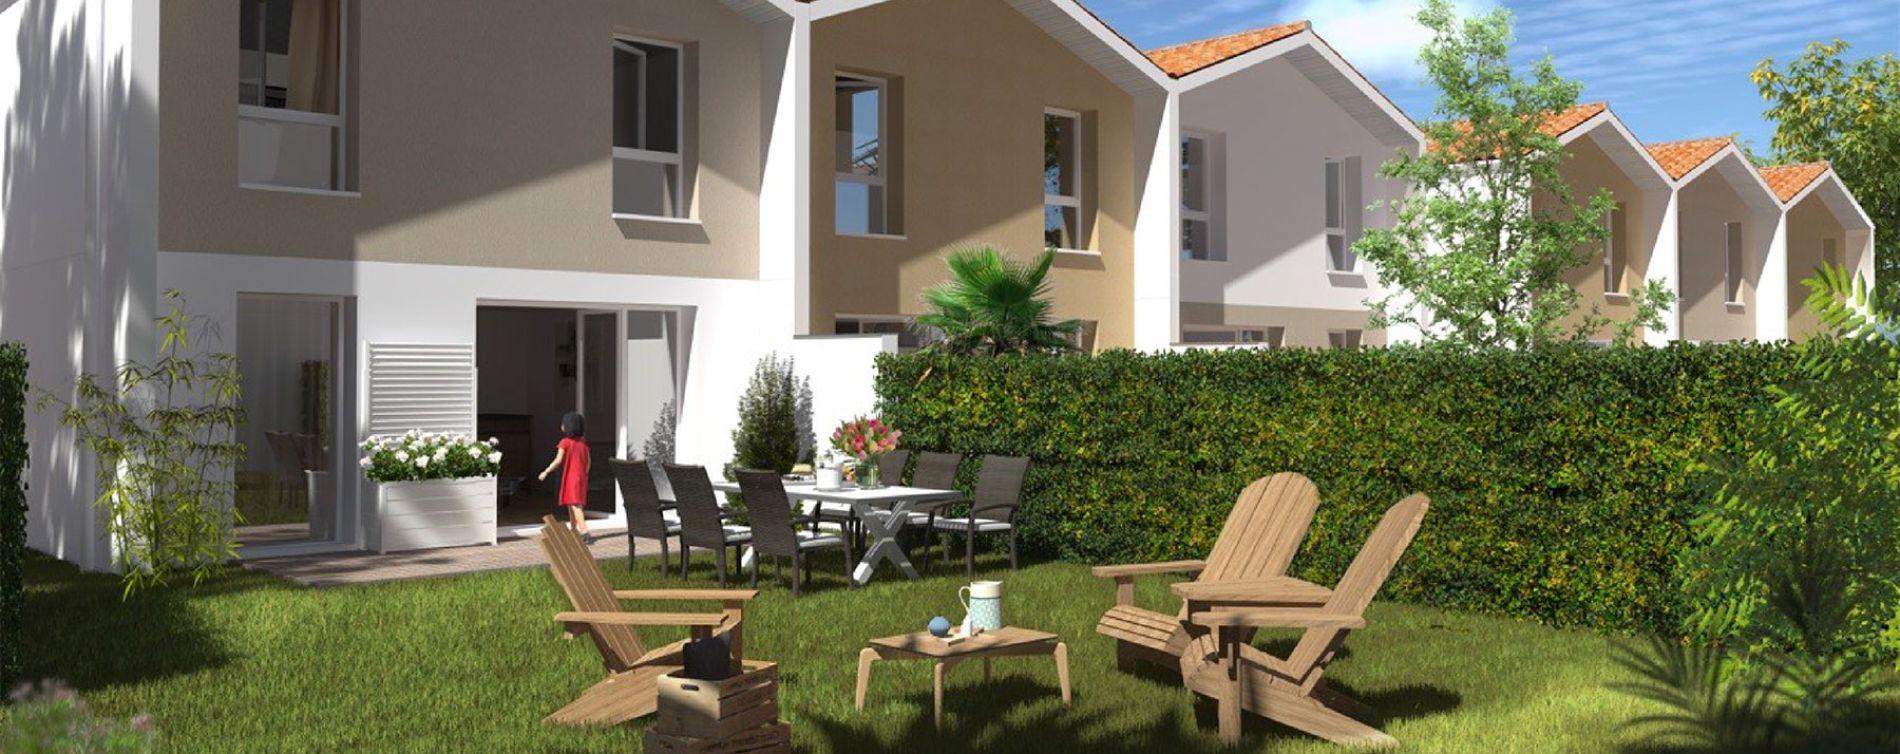 Résidence Villas Anthélia à Eysines